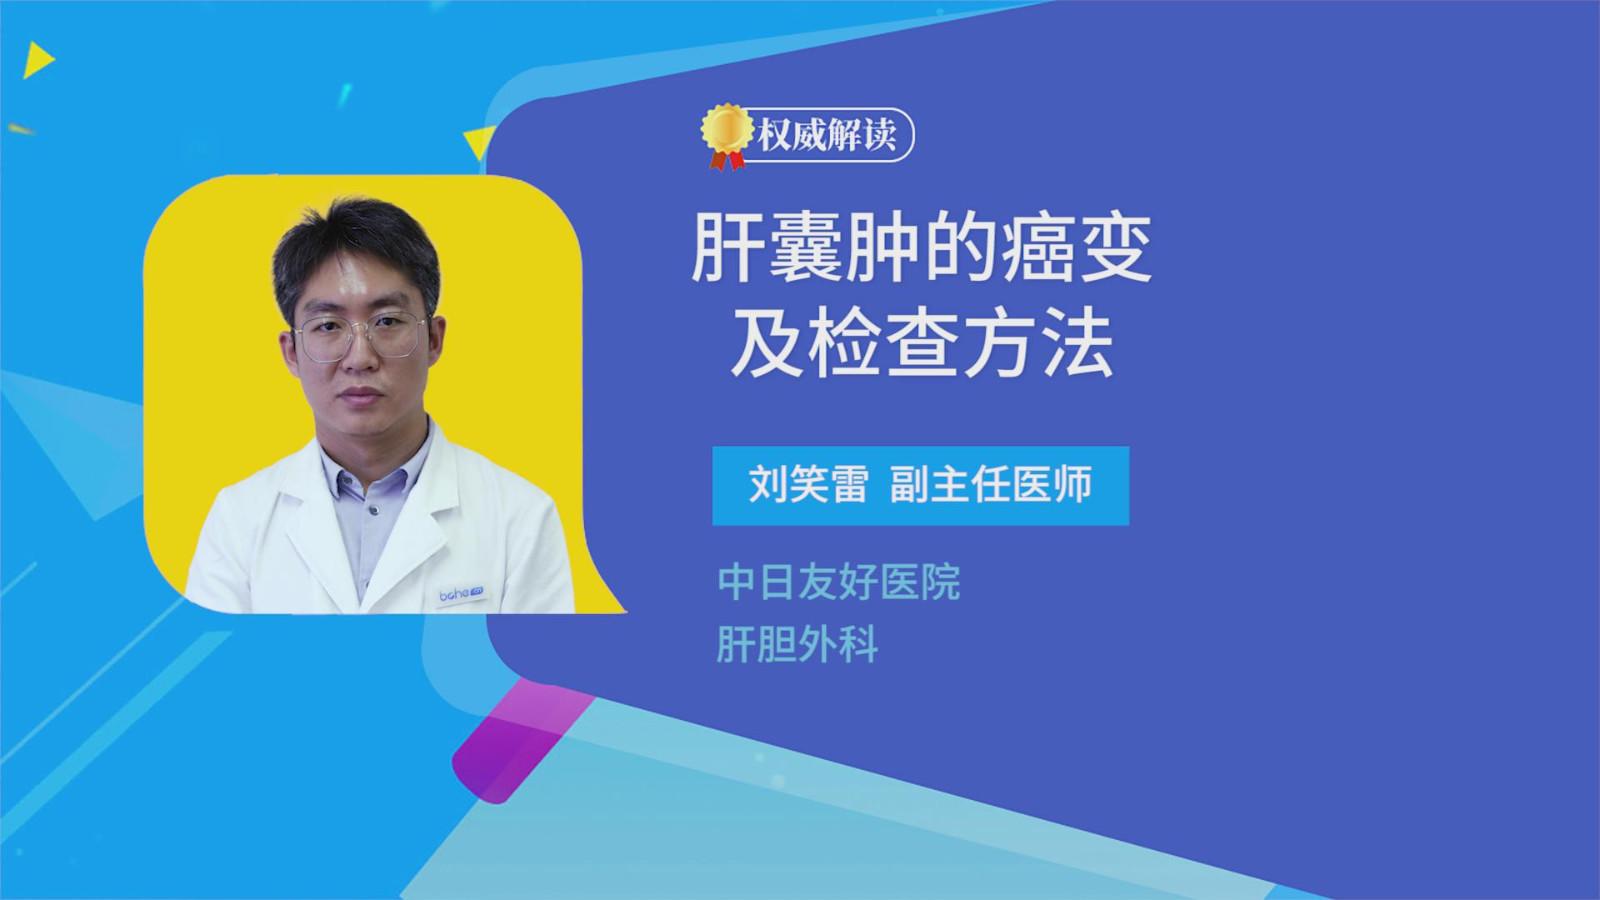 肝囊肿的癌变及检查方法